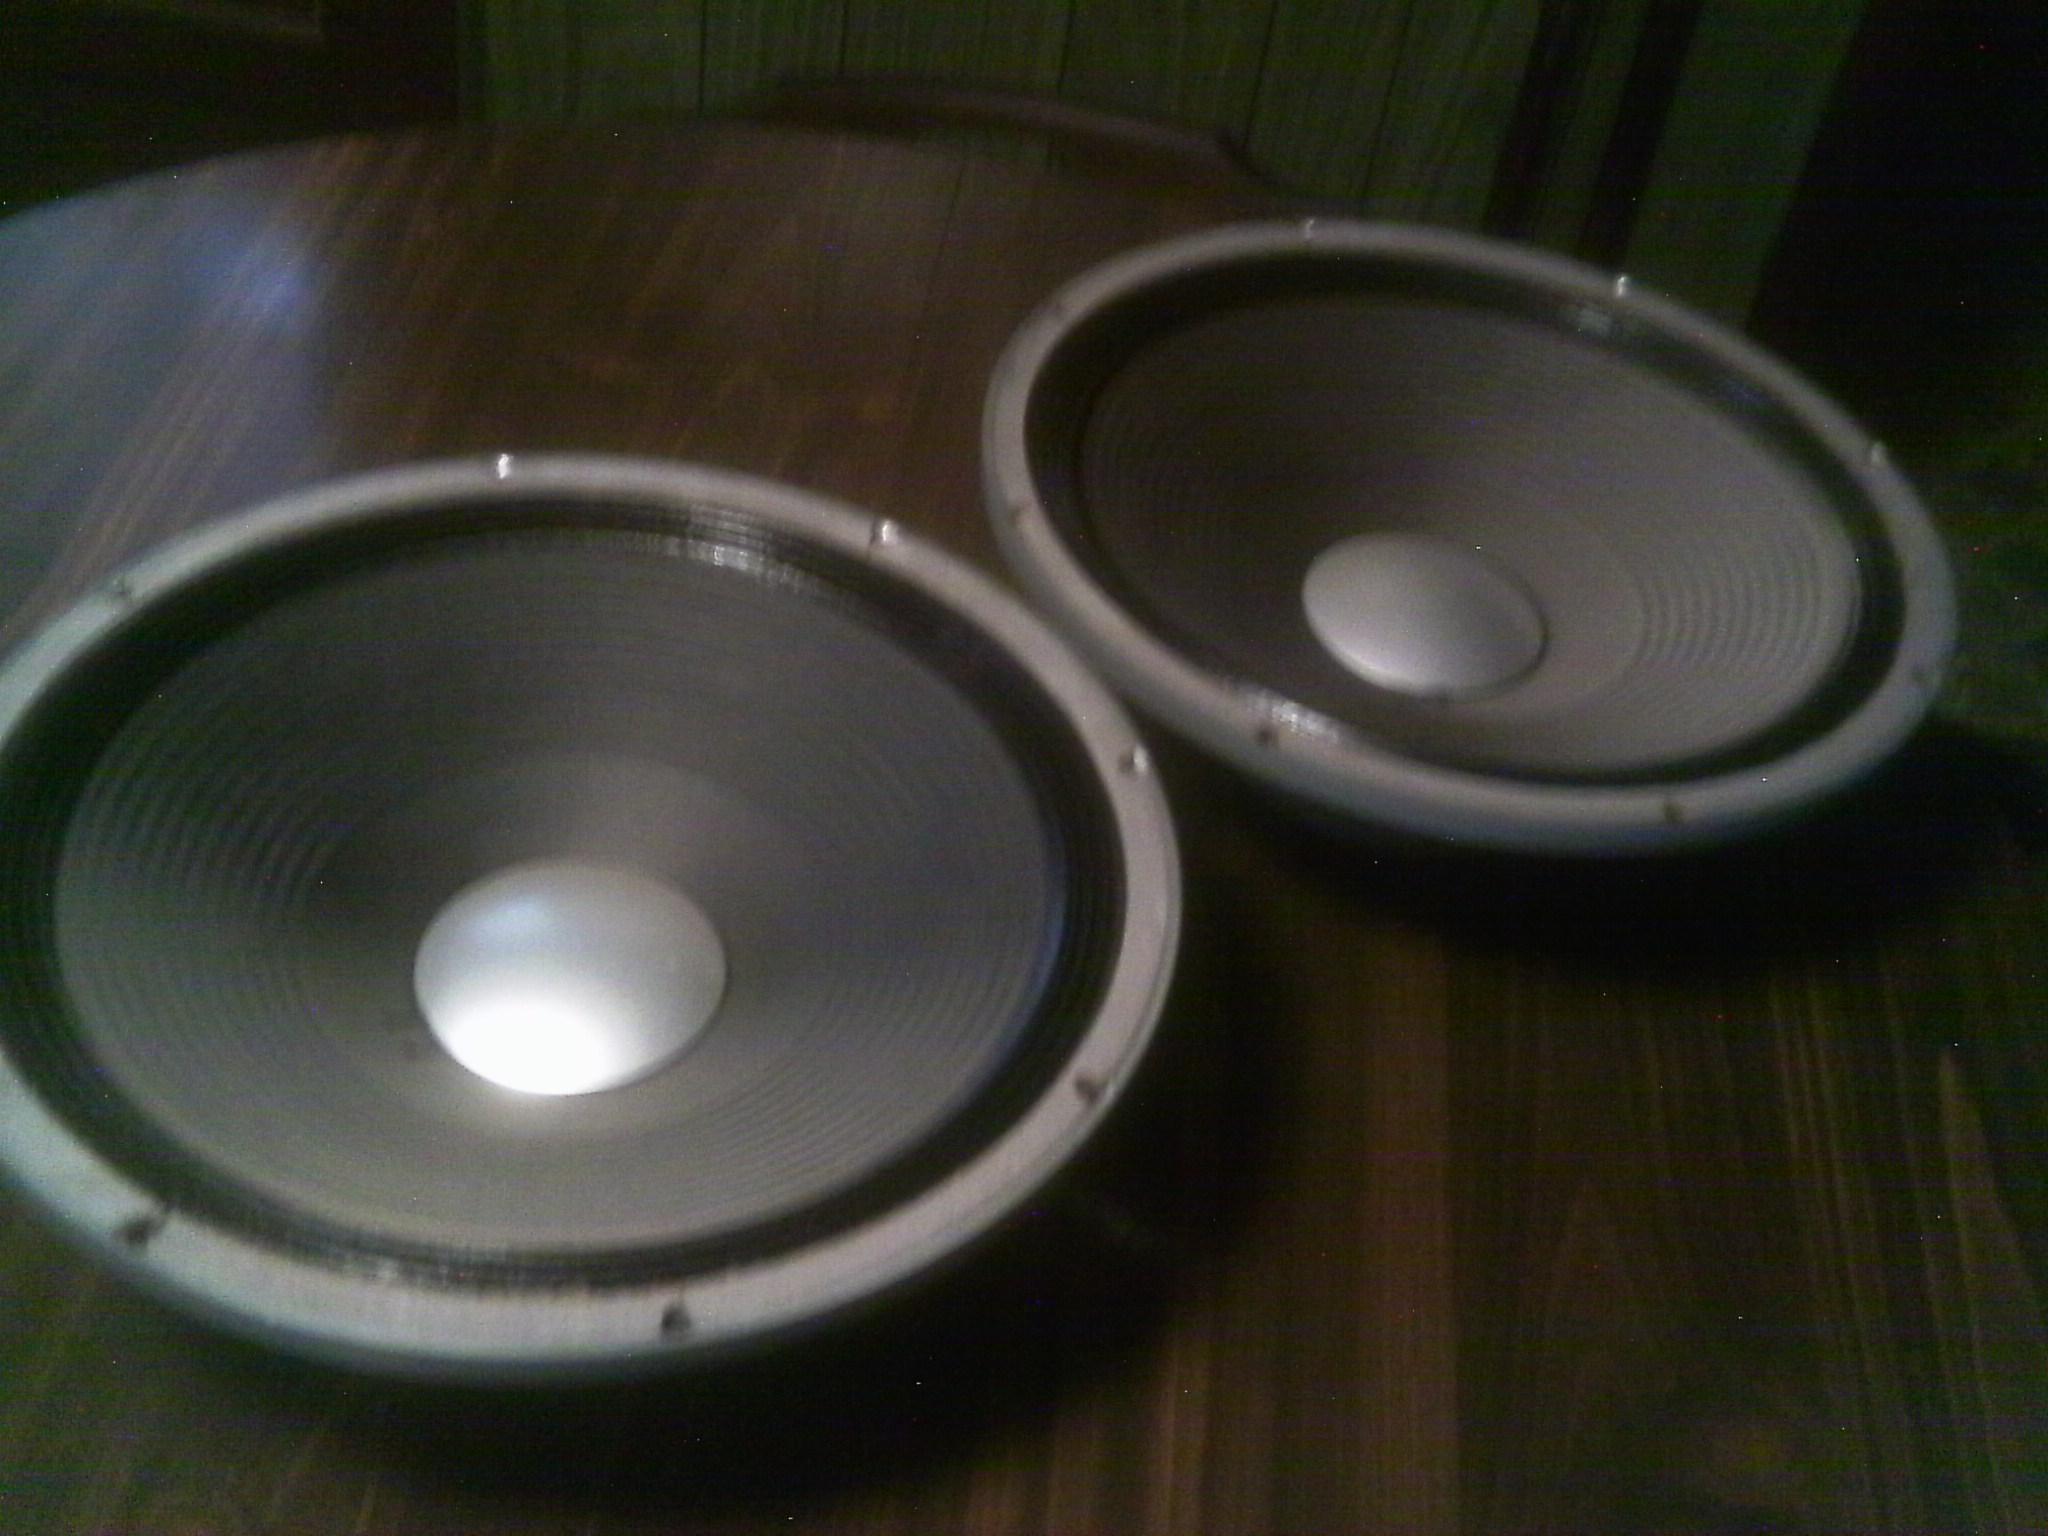 Pair of JBL D140 F Speakers